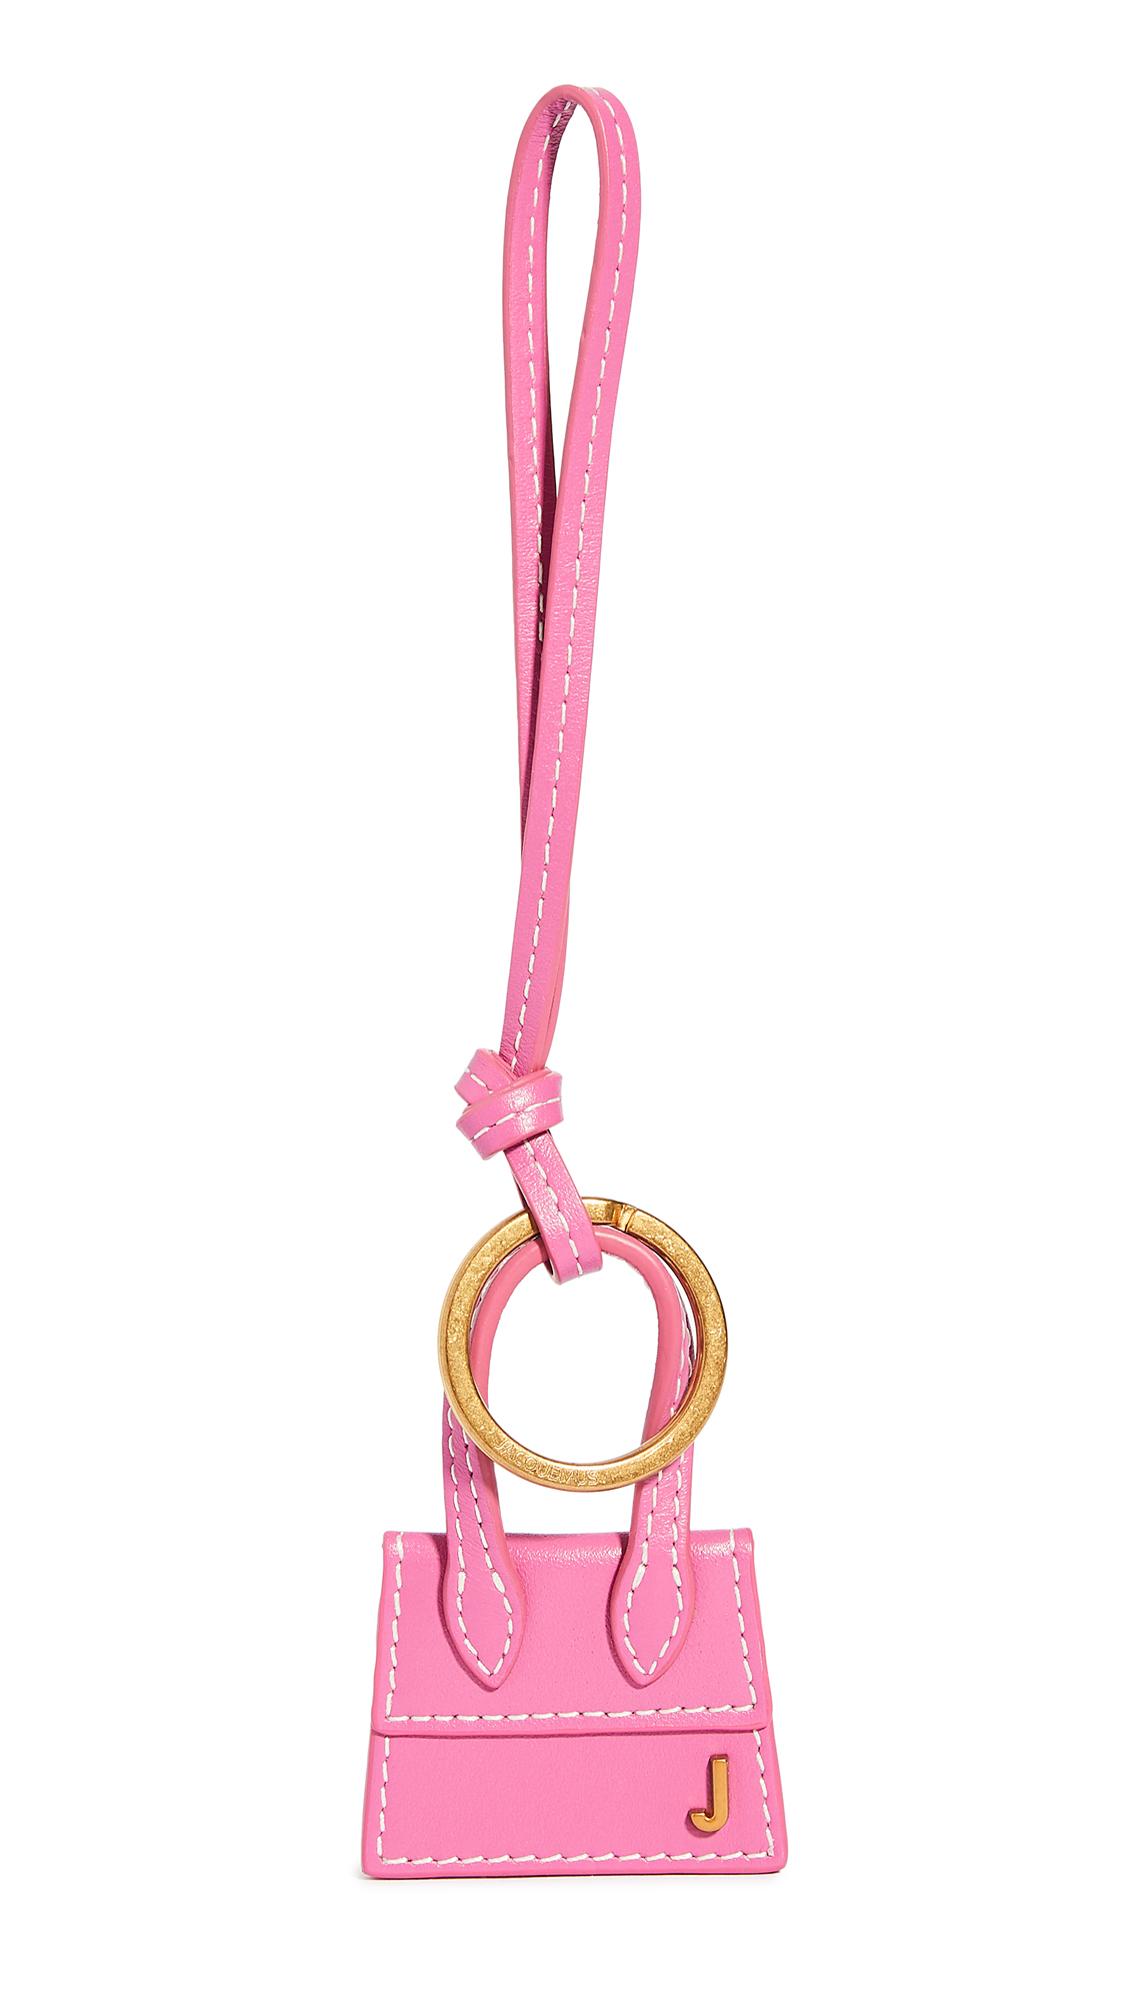 Jacquemus Le Porte Cle Chiquito Key Chain